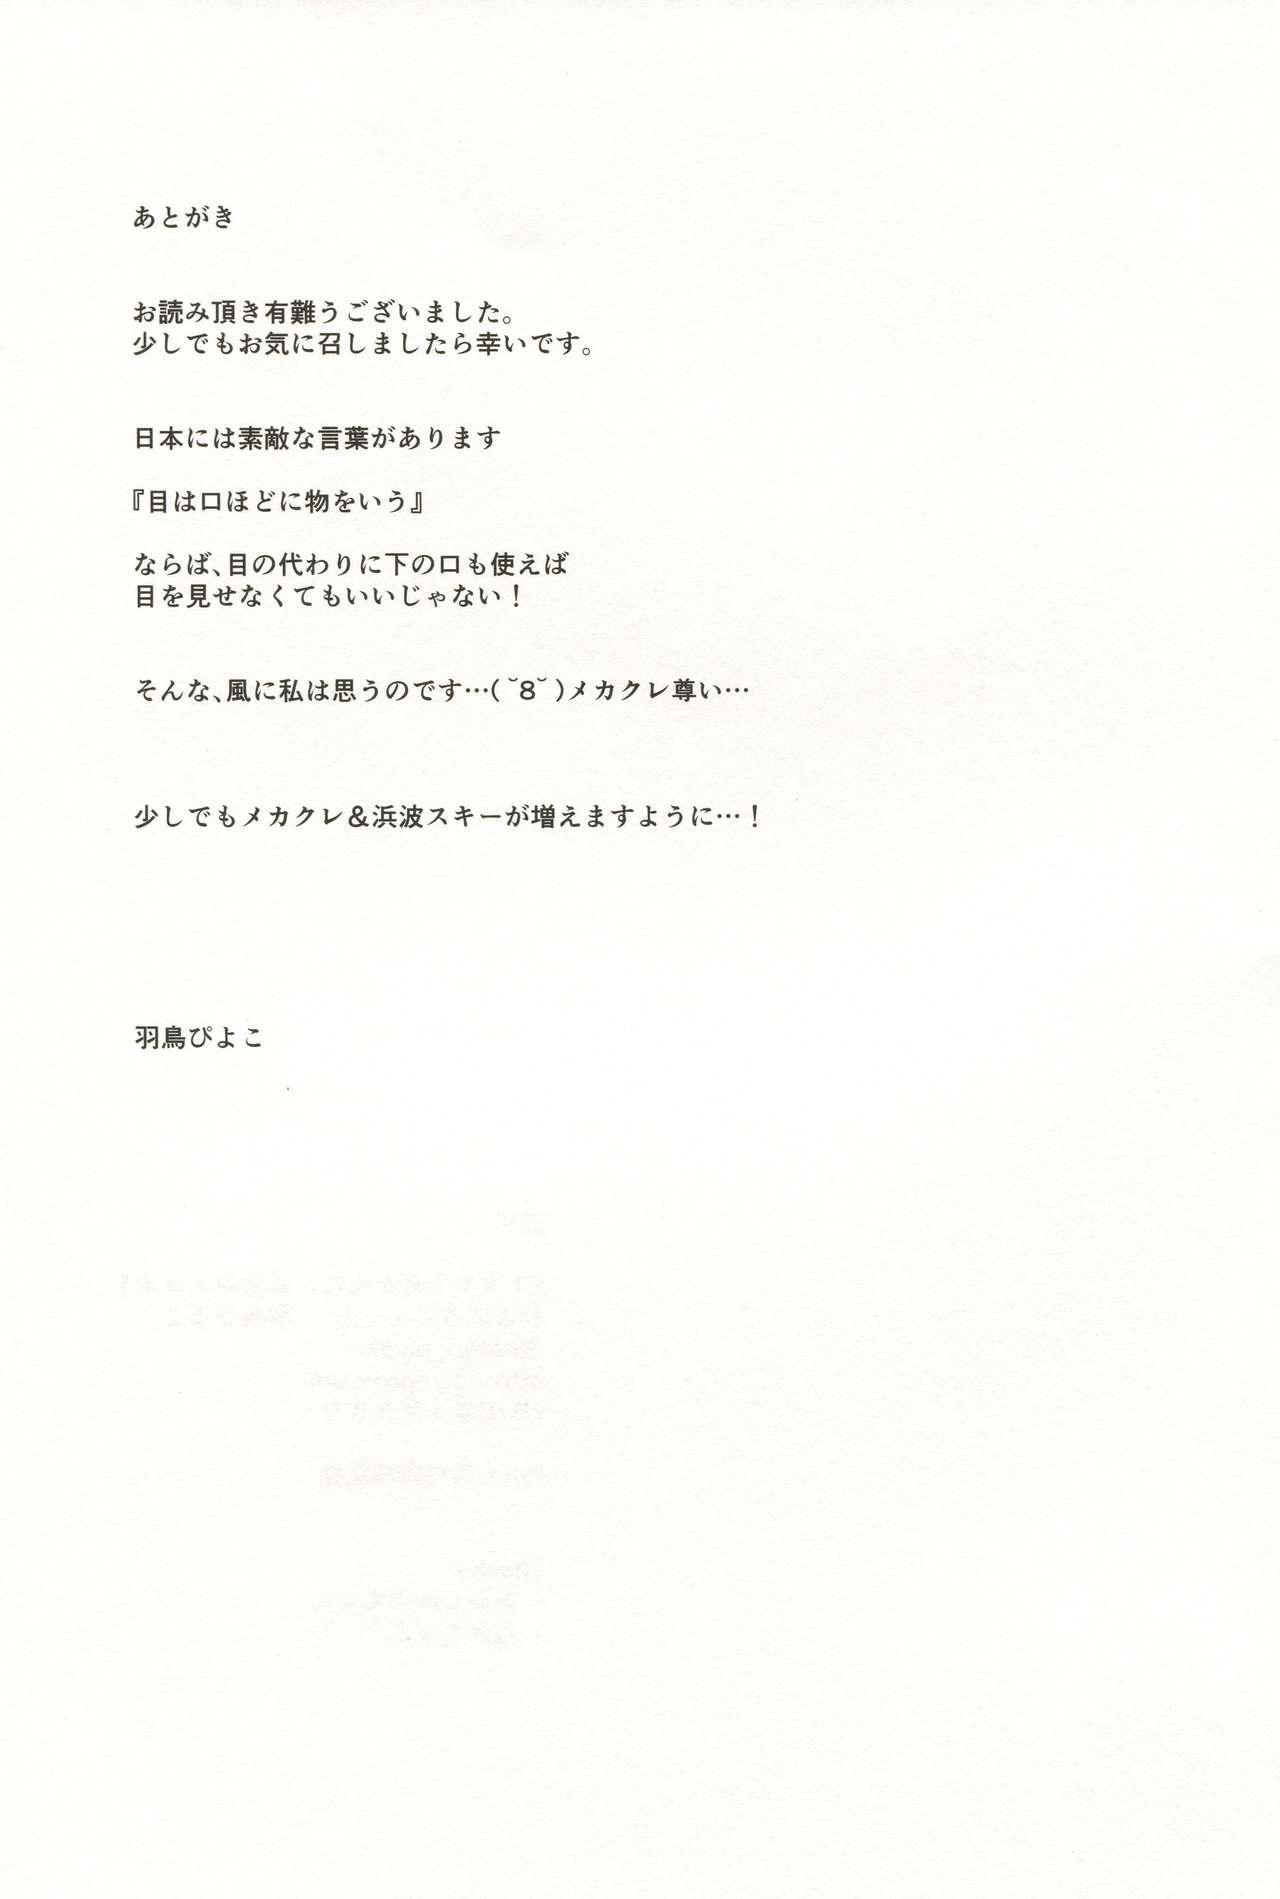 1-koma mo Me ga Denai Hamanami no Erohon 20